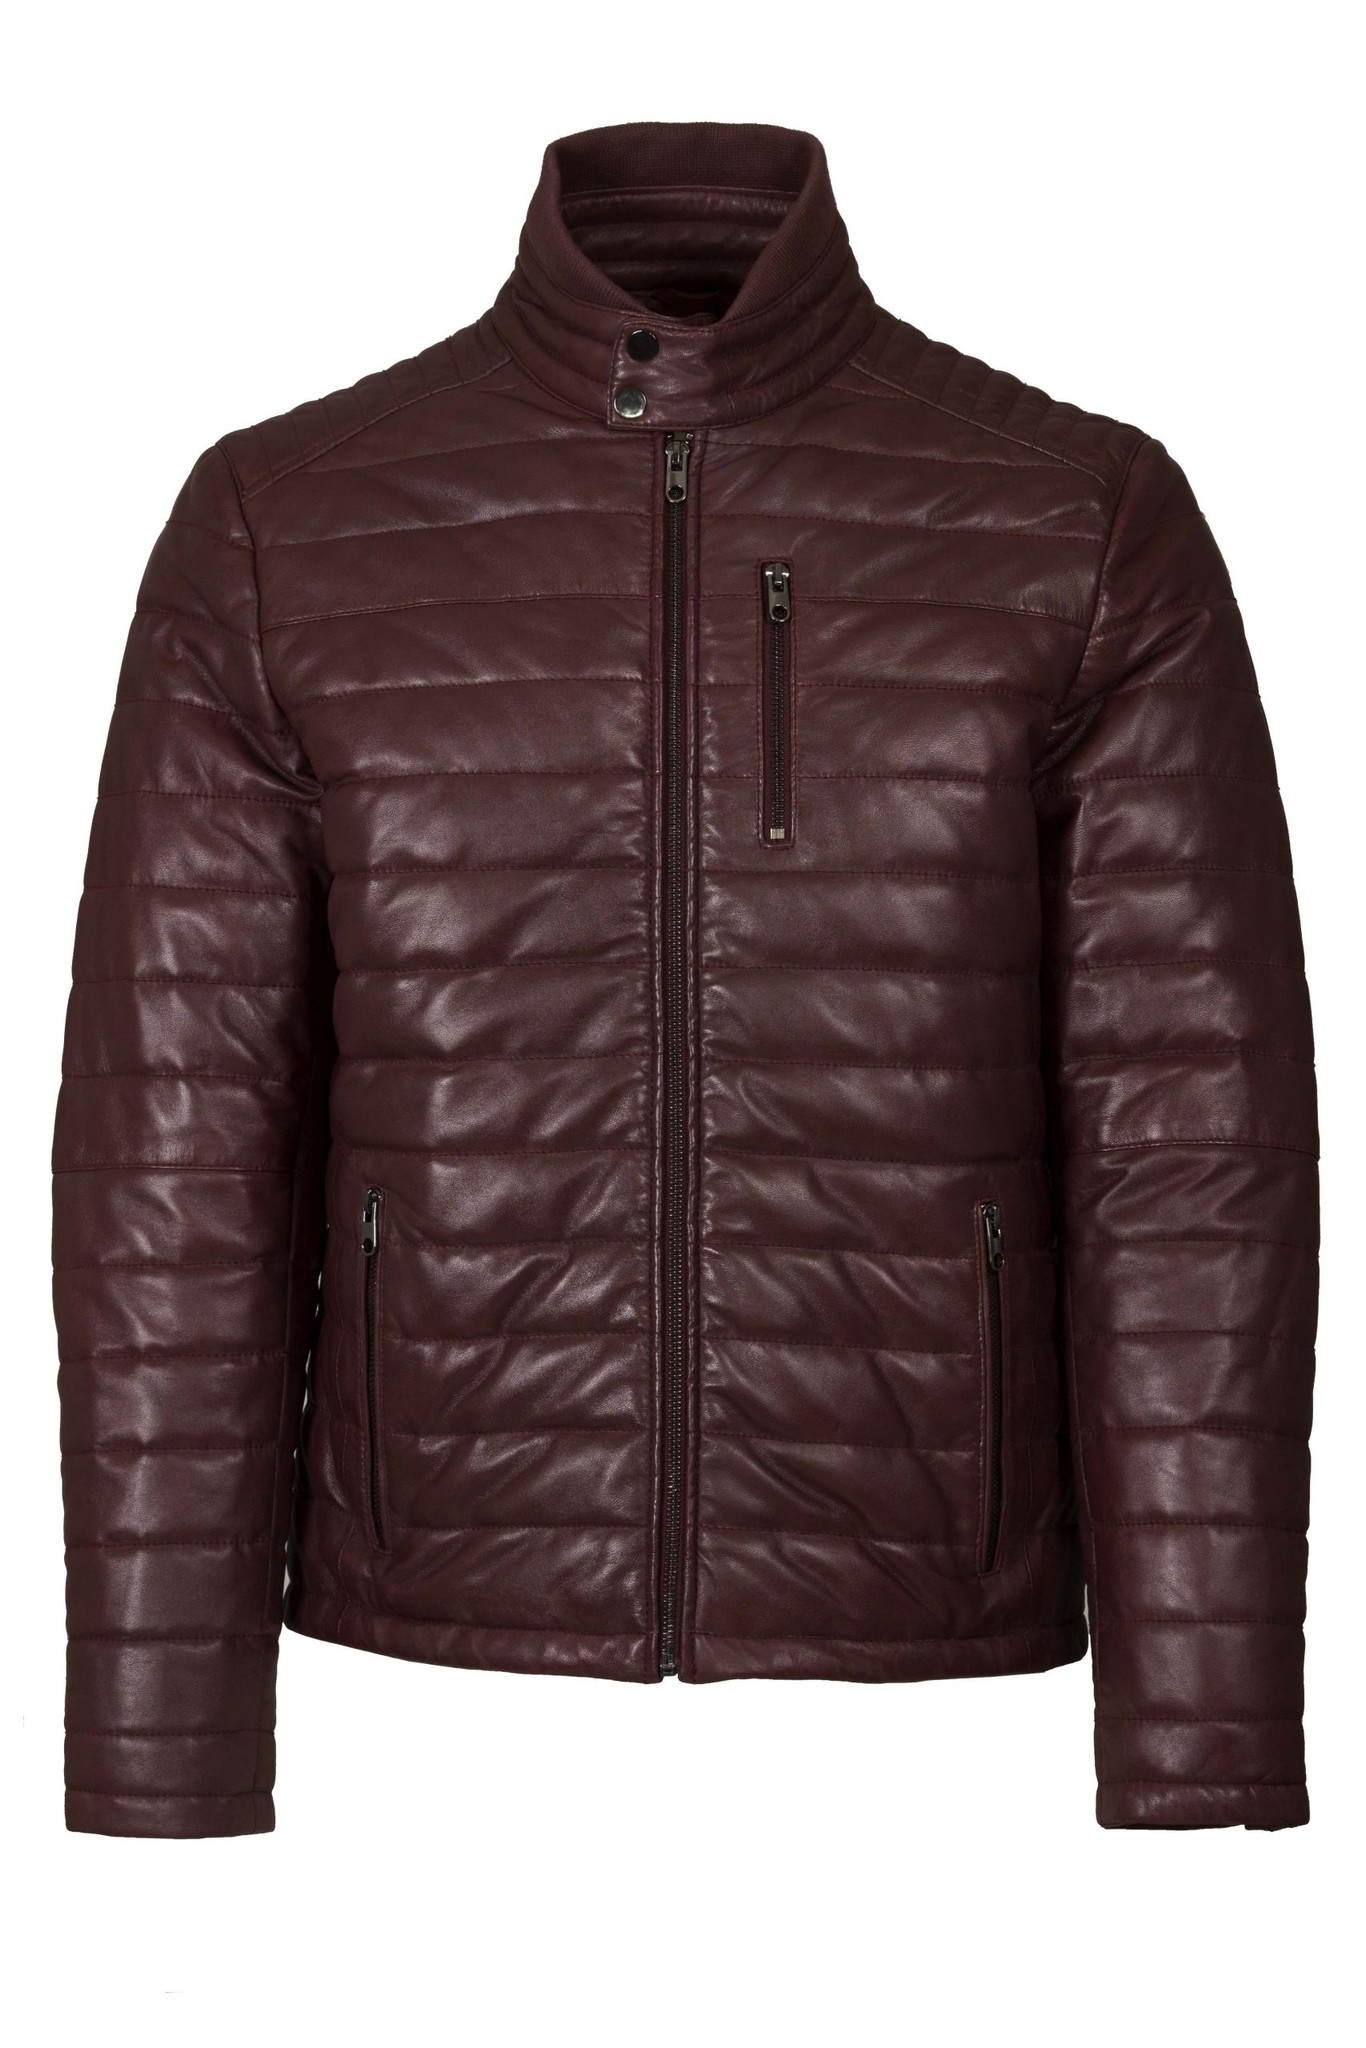 HeLium Oxus leren jacket, bordeauxrood